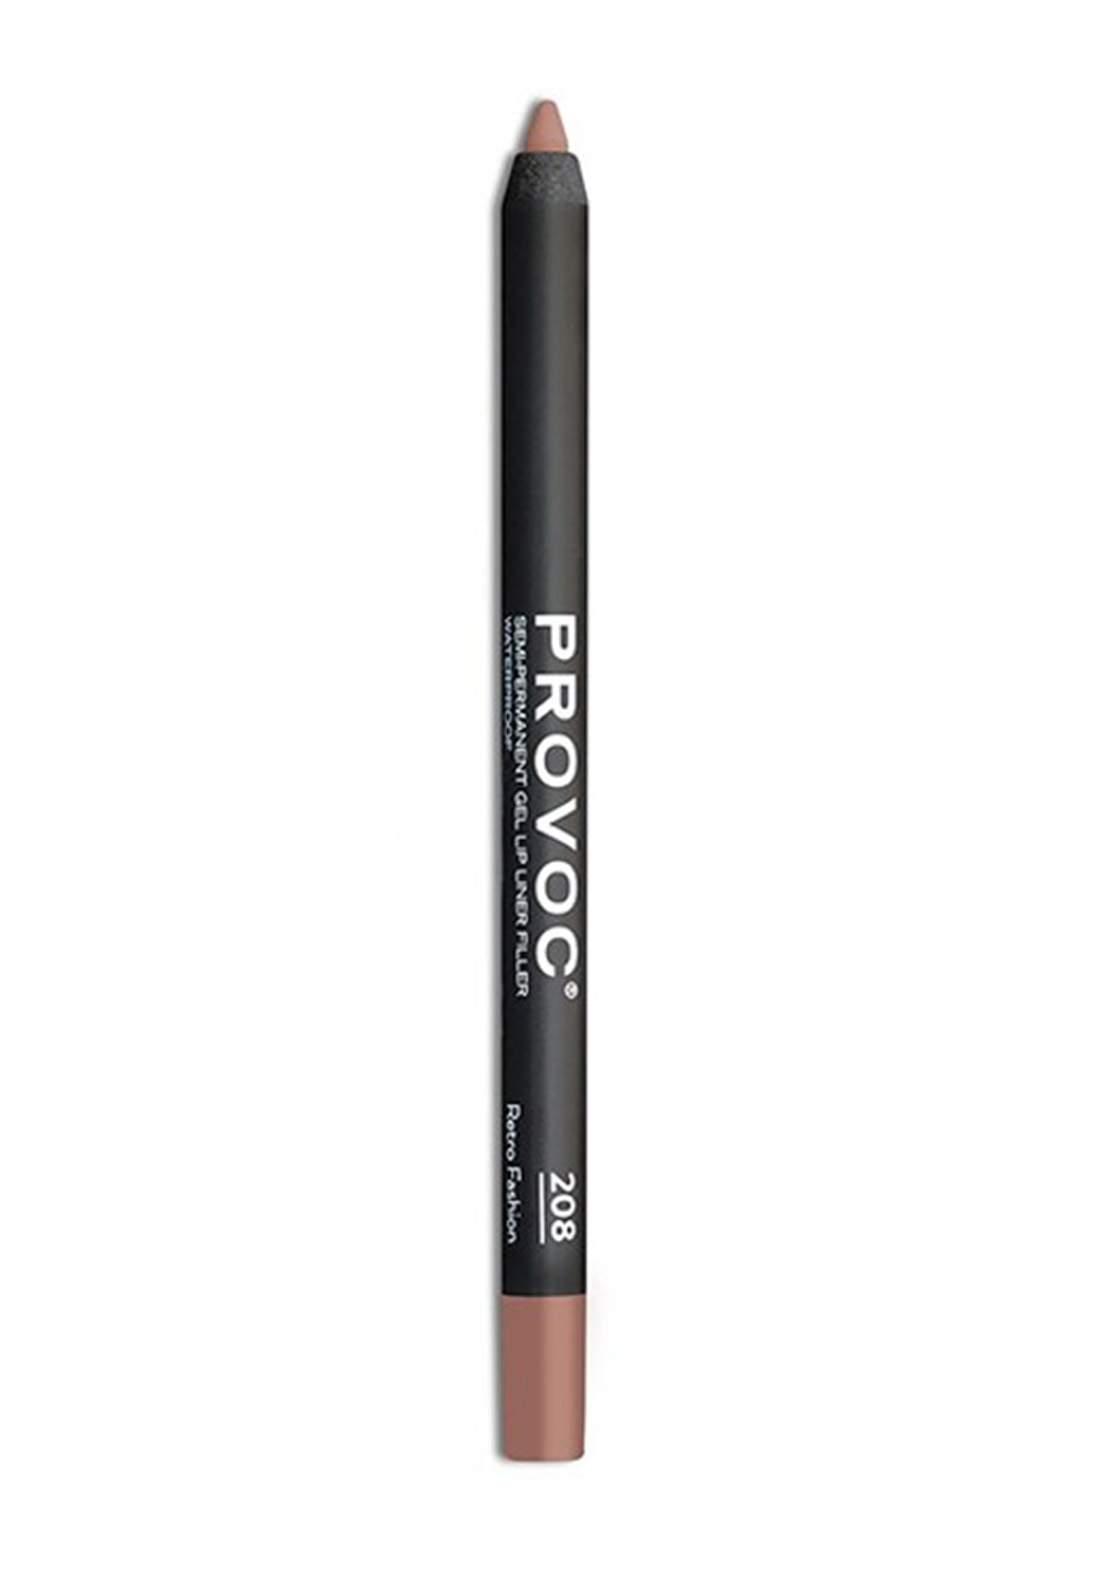 Provoc 353-0074 Semi-Permanent Gel Lip Liner Pencil No.208 محدد الشفاه